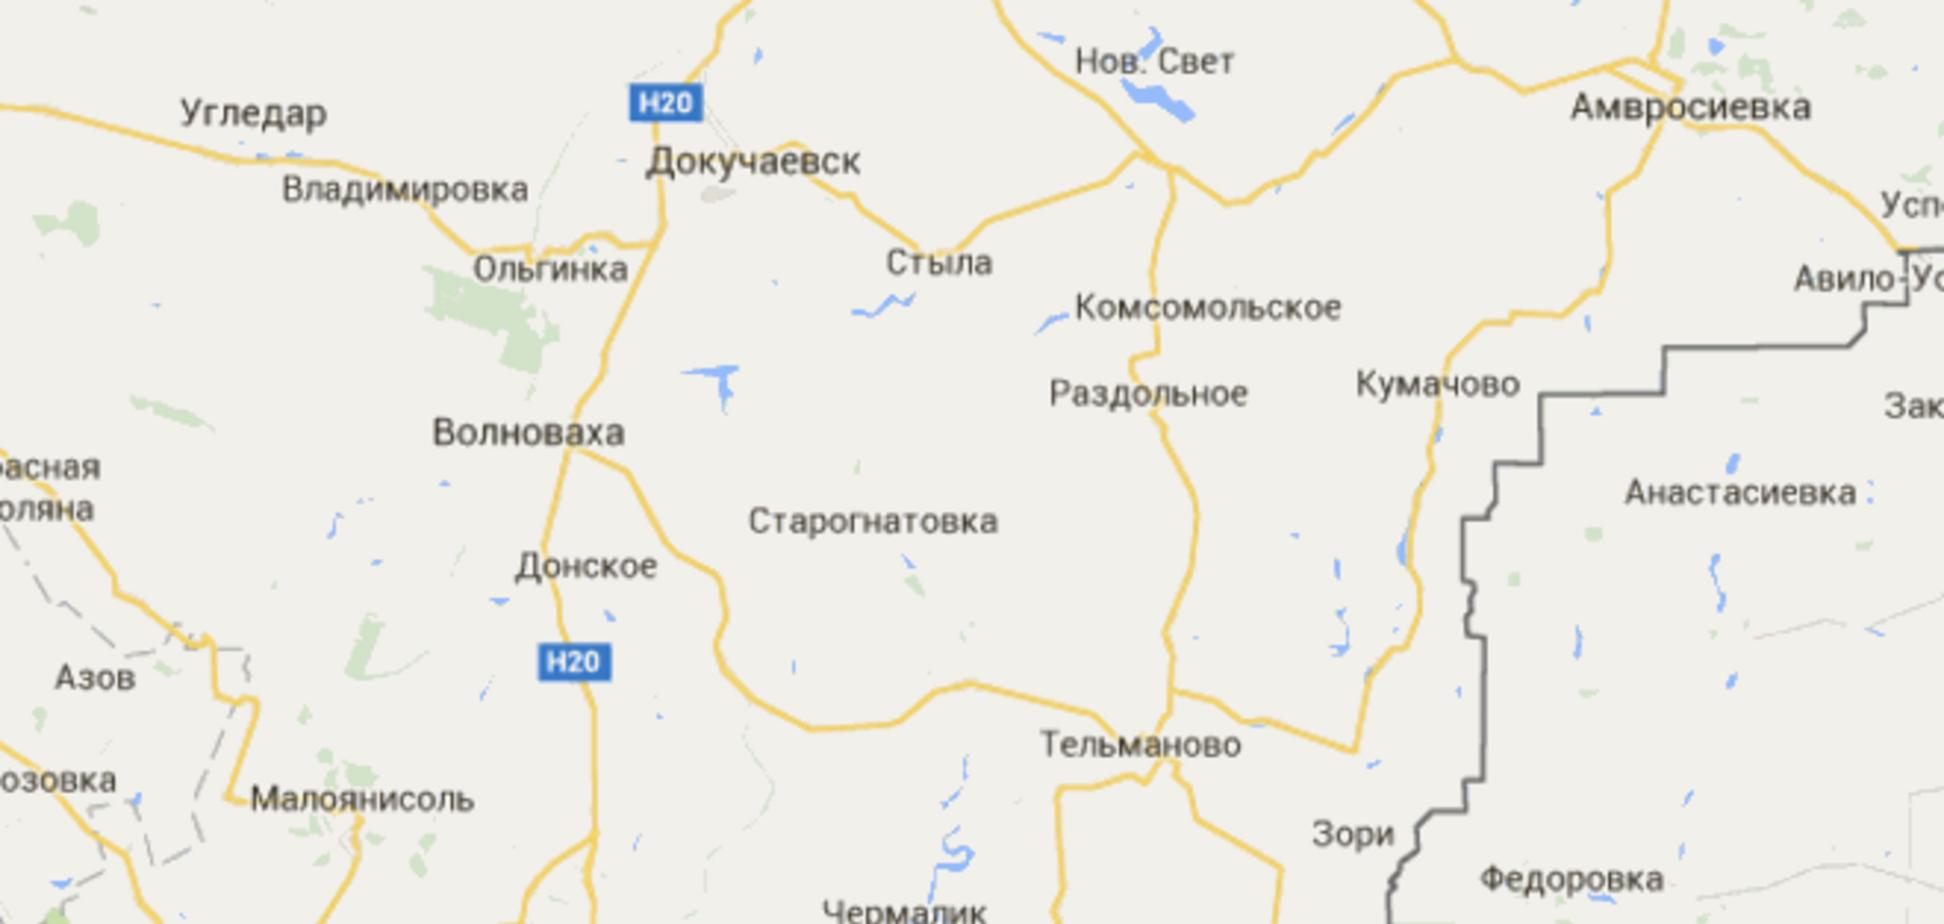 ОБСЕ: вблизи Иловайска и Мариуполя засняли сотню единиц военной техники